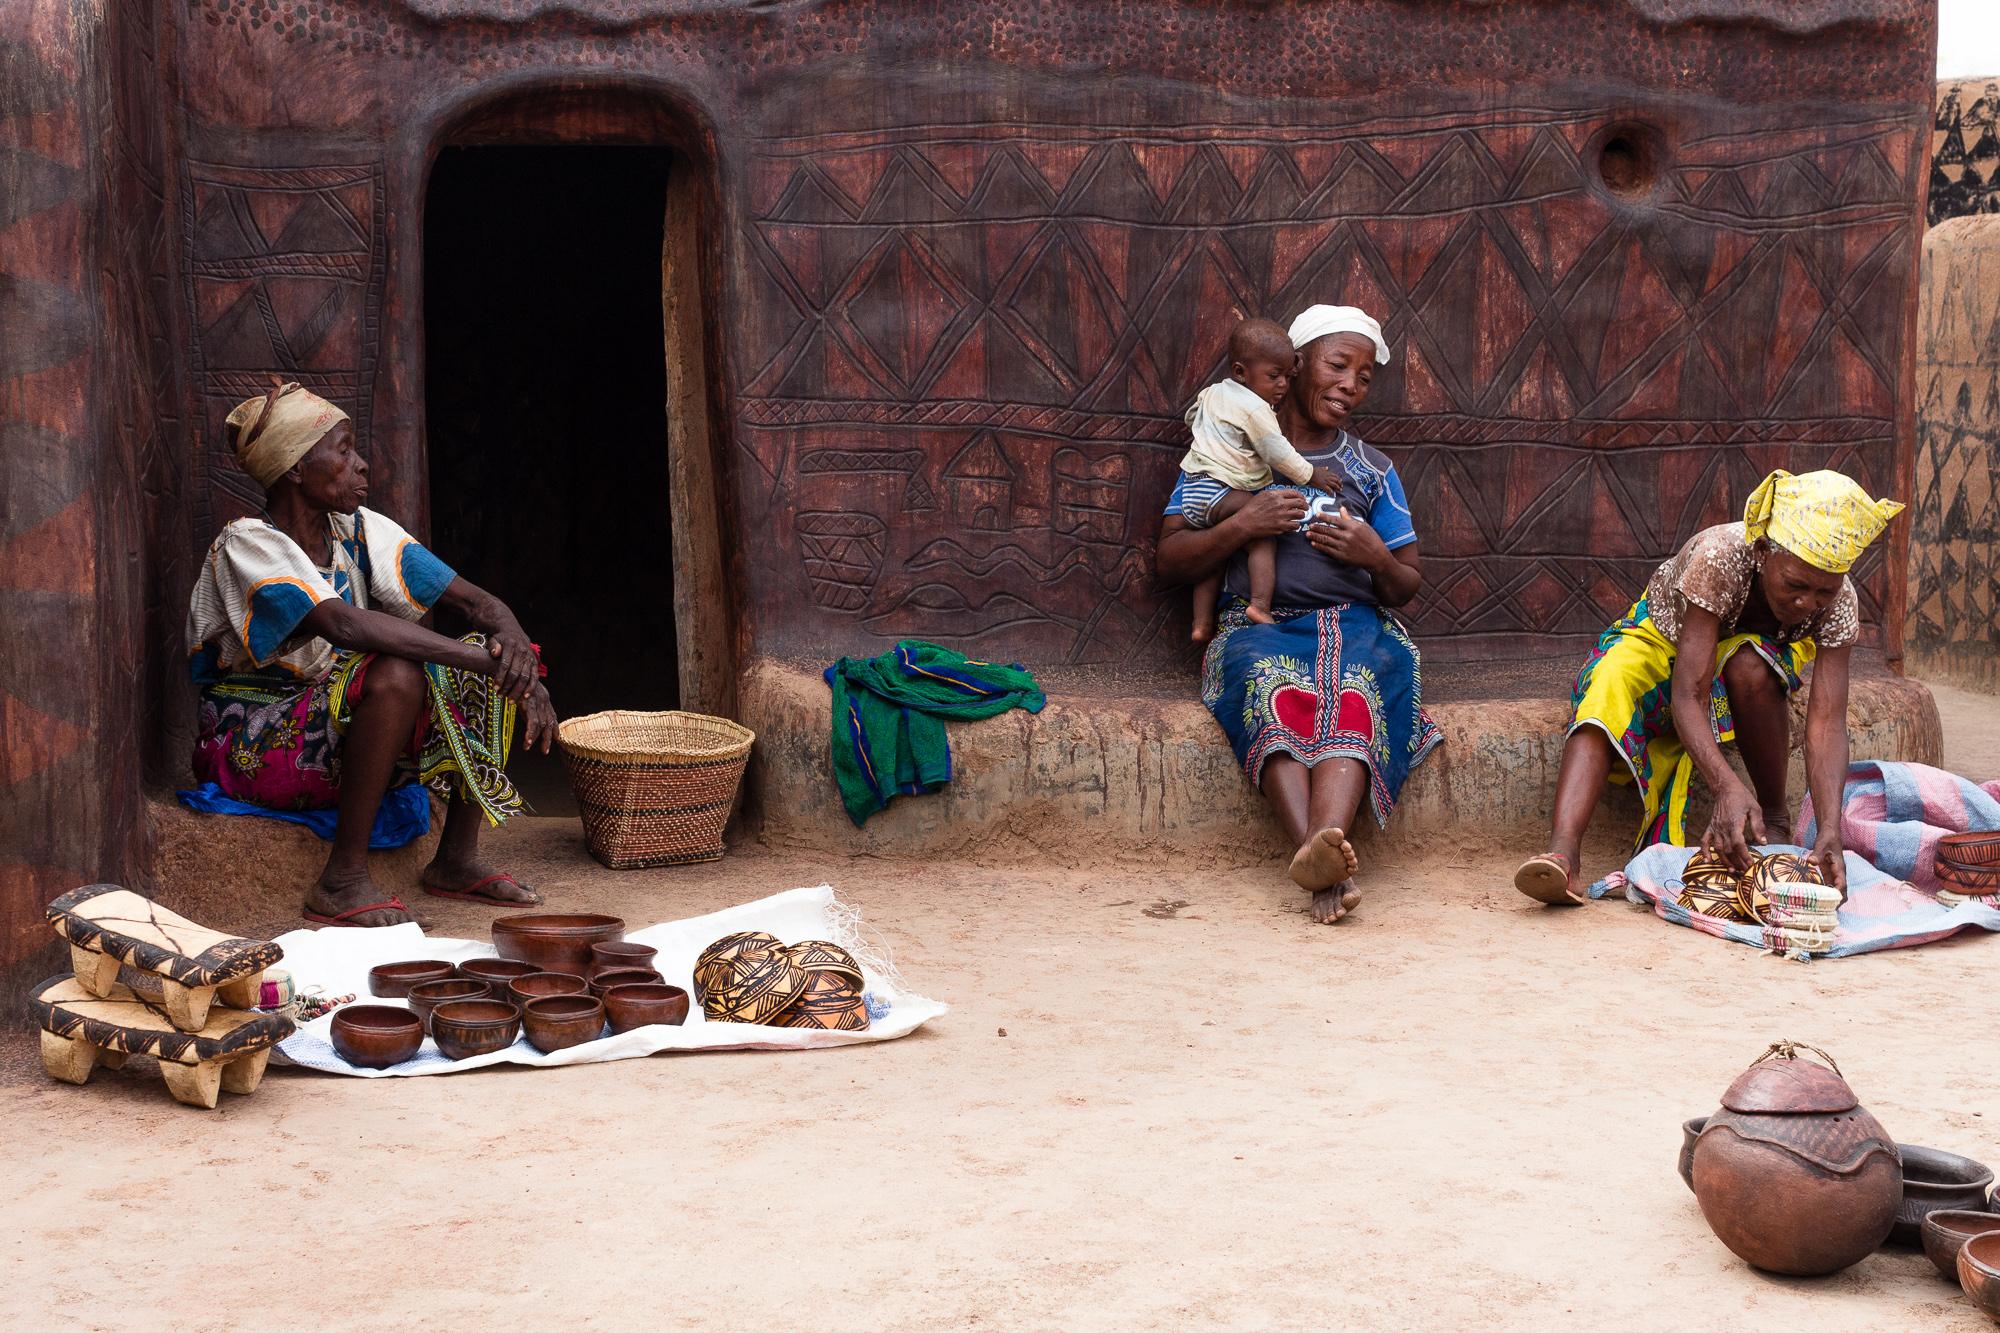 Femmes montrant leur poterie devant leurs cases dans le village de tangassogo, Burkina faso